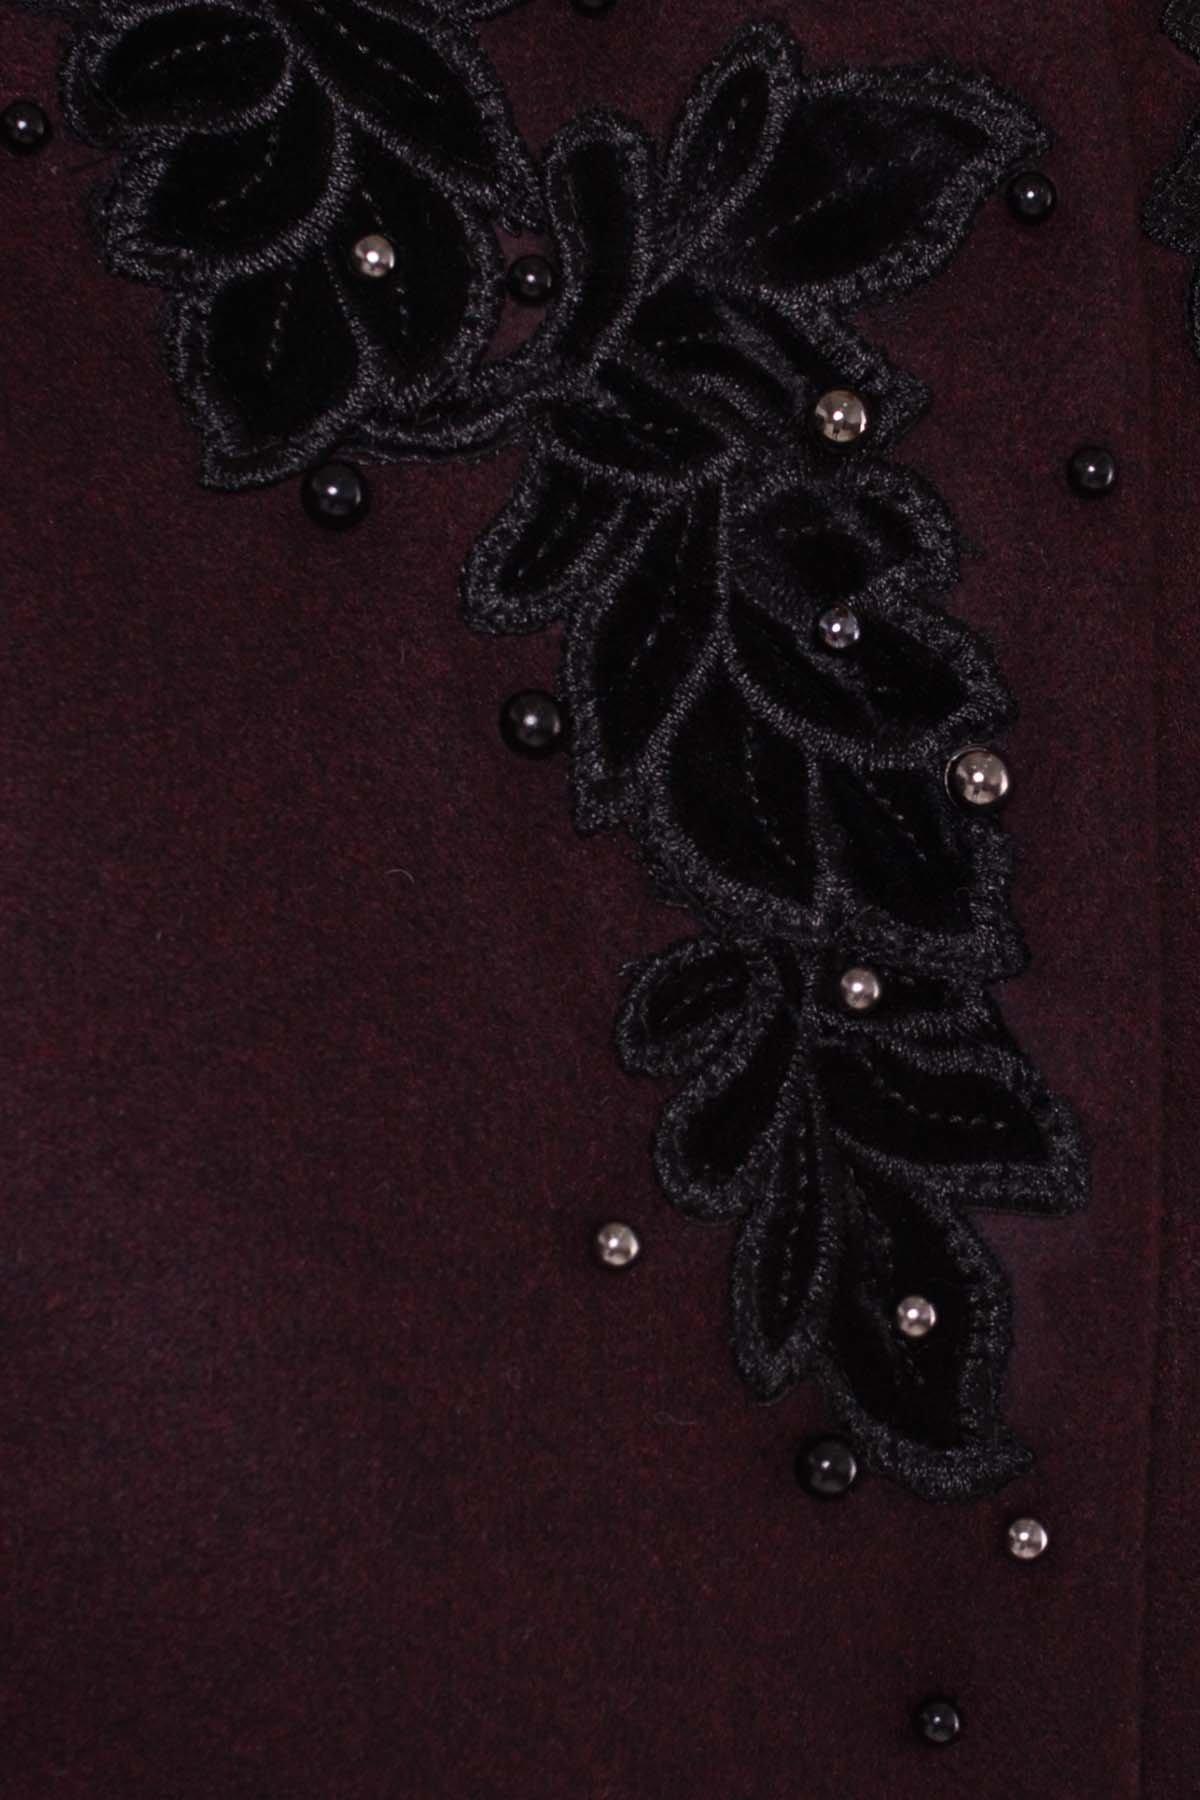 Укороченное пальто-трапеция с вышивкой Латта 5526 АРТ. 37156 Цвет: Марсала 75 - фото 4, интернет магазин tm-modus.ru